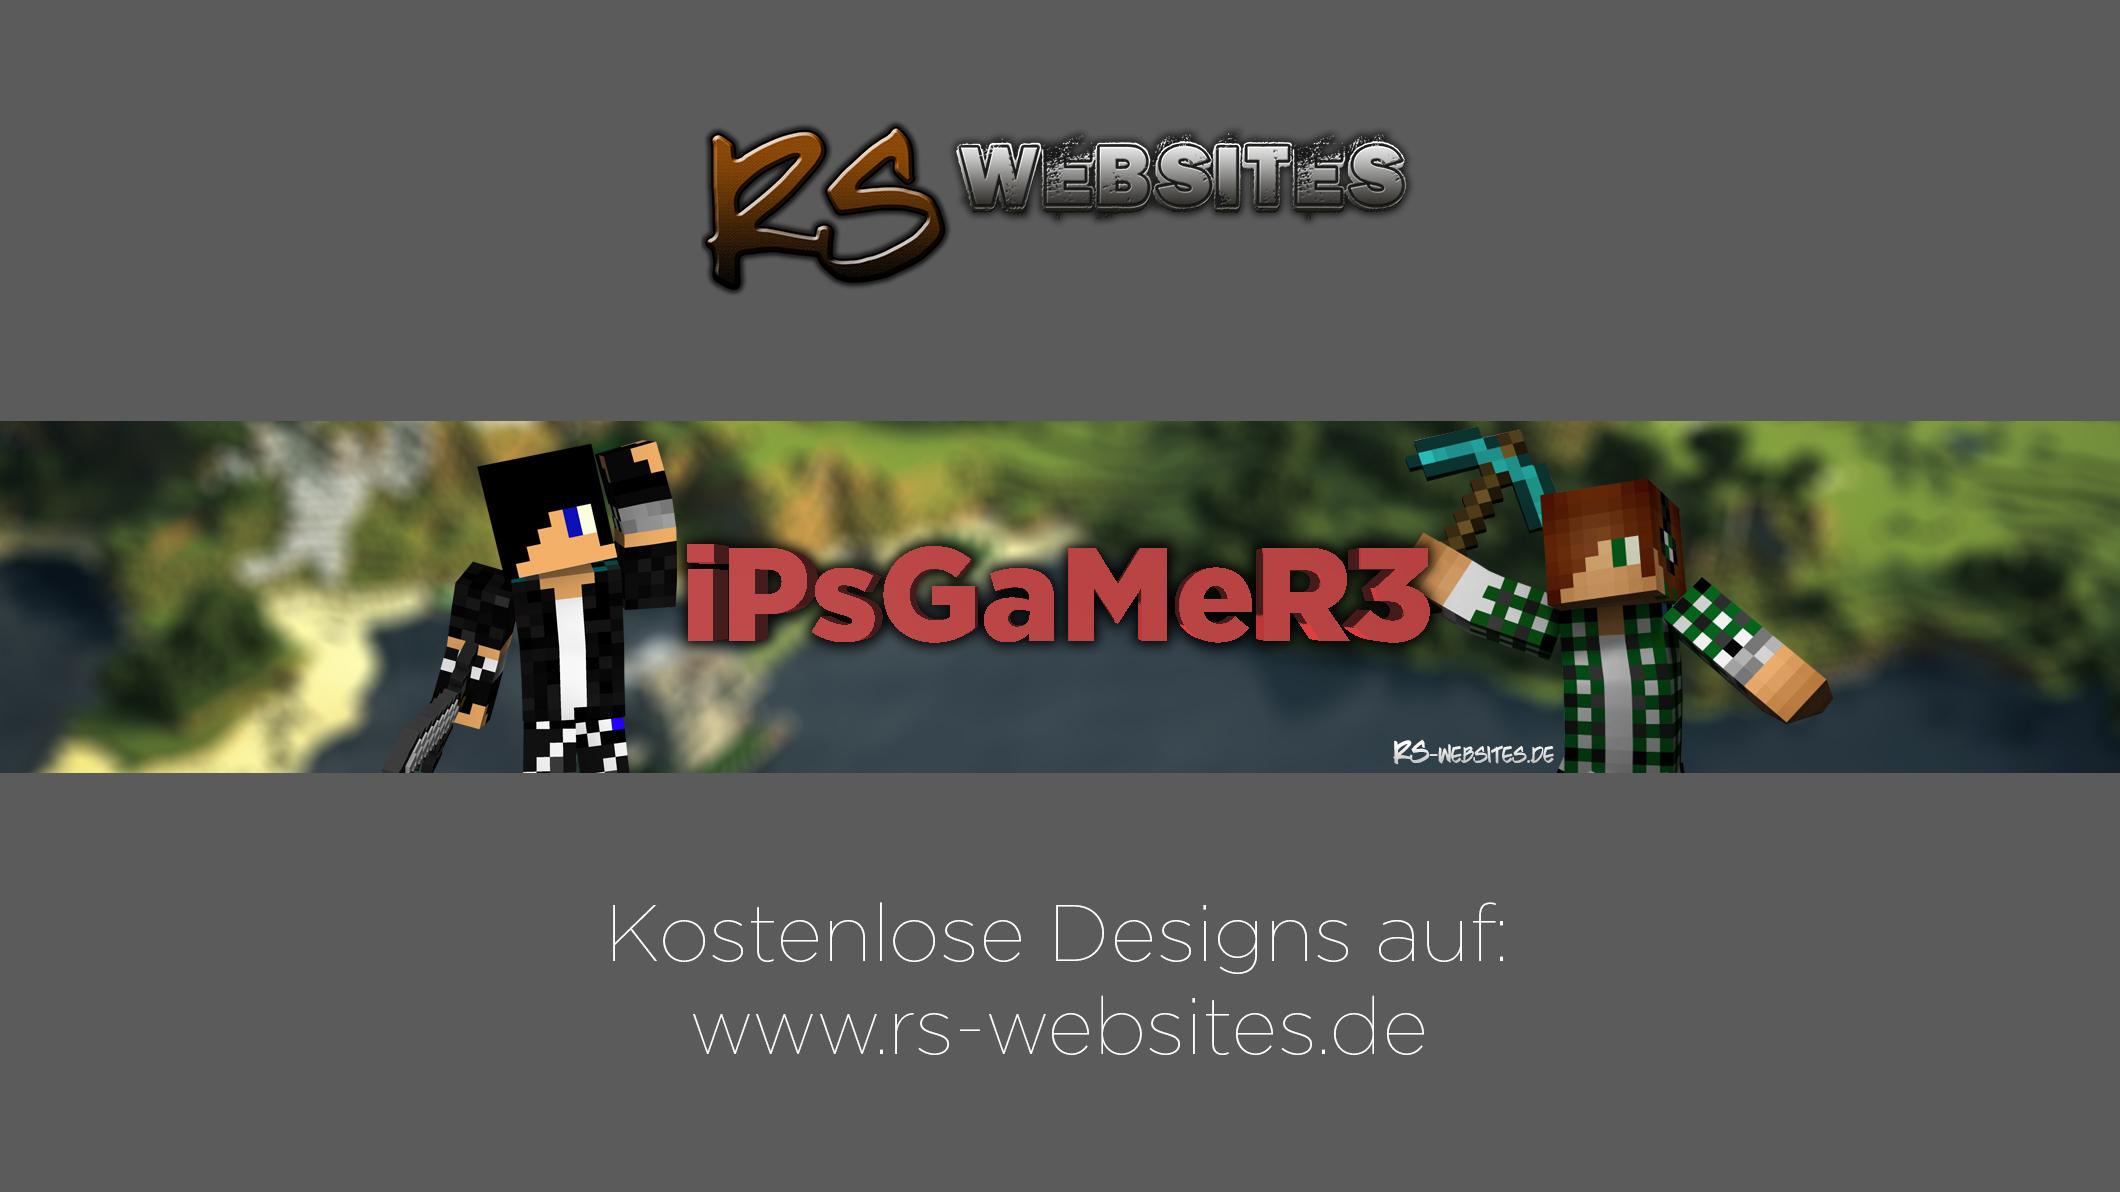 iPsGaMeR3 YouTube Banner